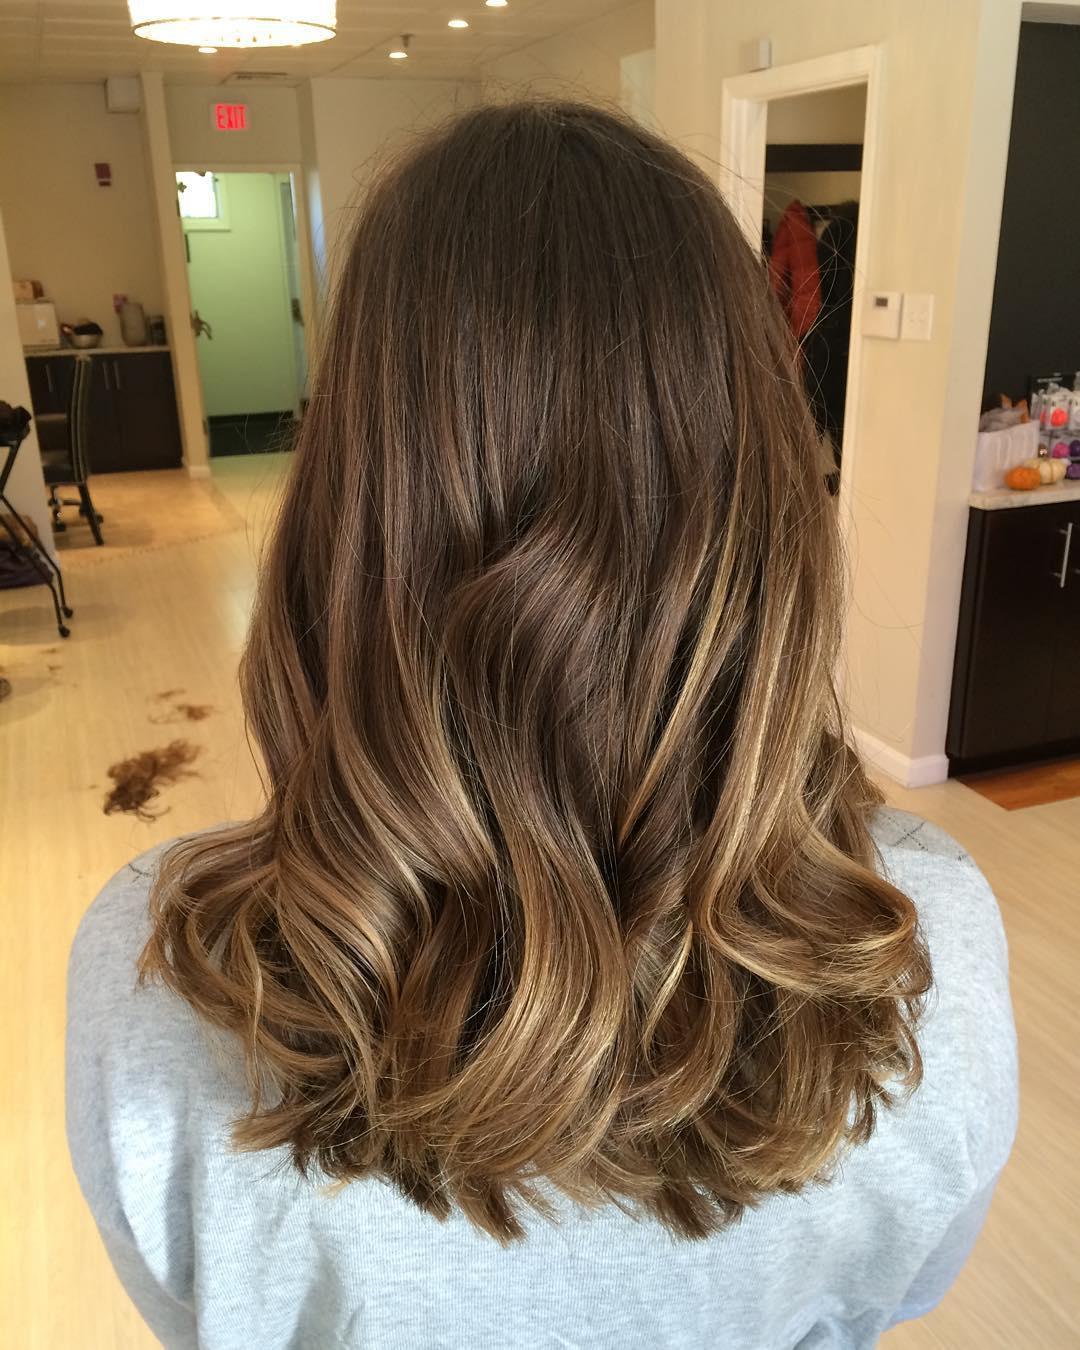 image12-102   Брондирование волос: описание, виды, техника выполнения для любой длины и цвета волос